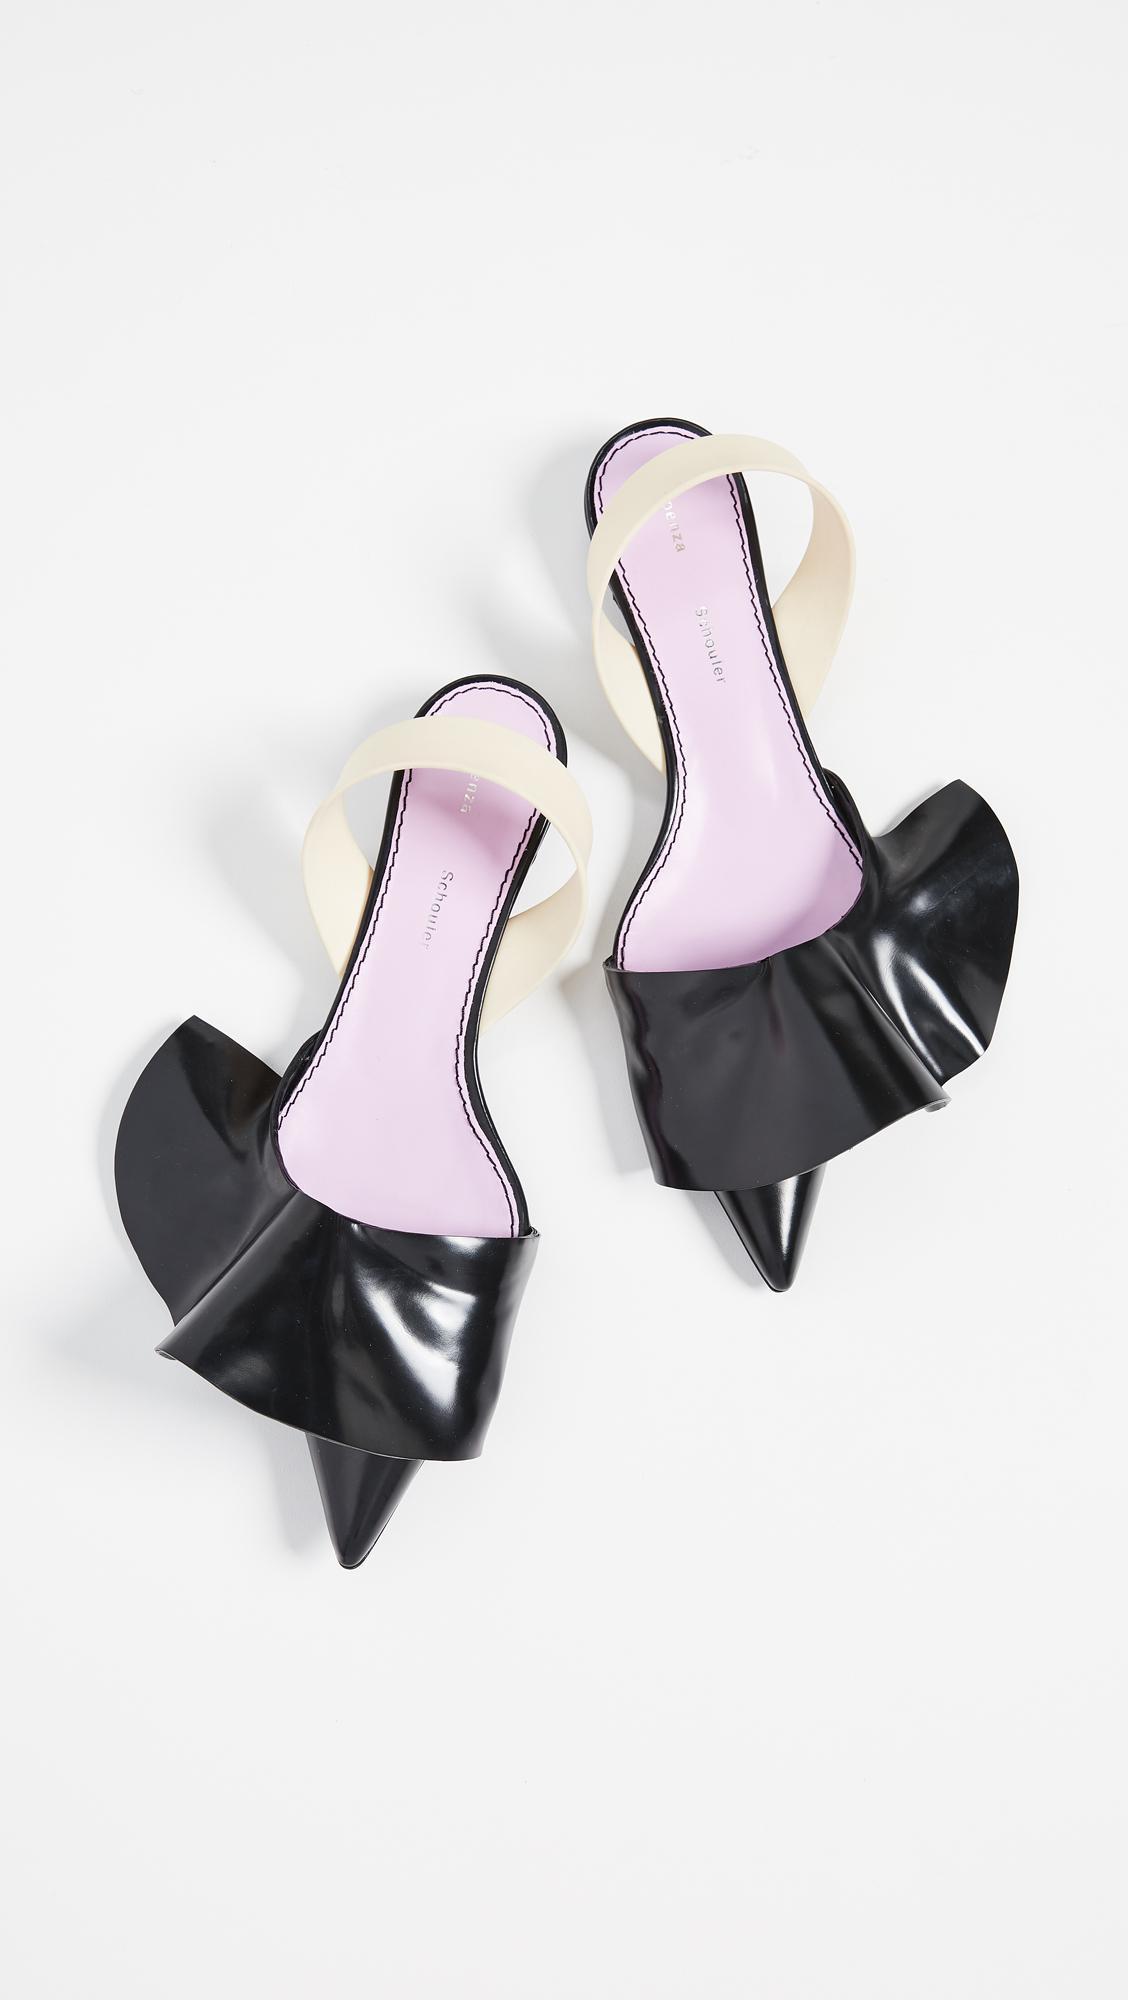 b991bfd1ec Proenza Schouler Ruffle Kitten Heel Flats in Black - Lyst